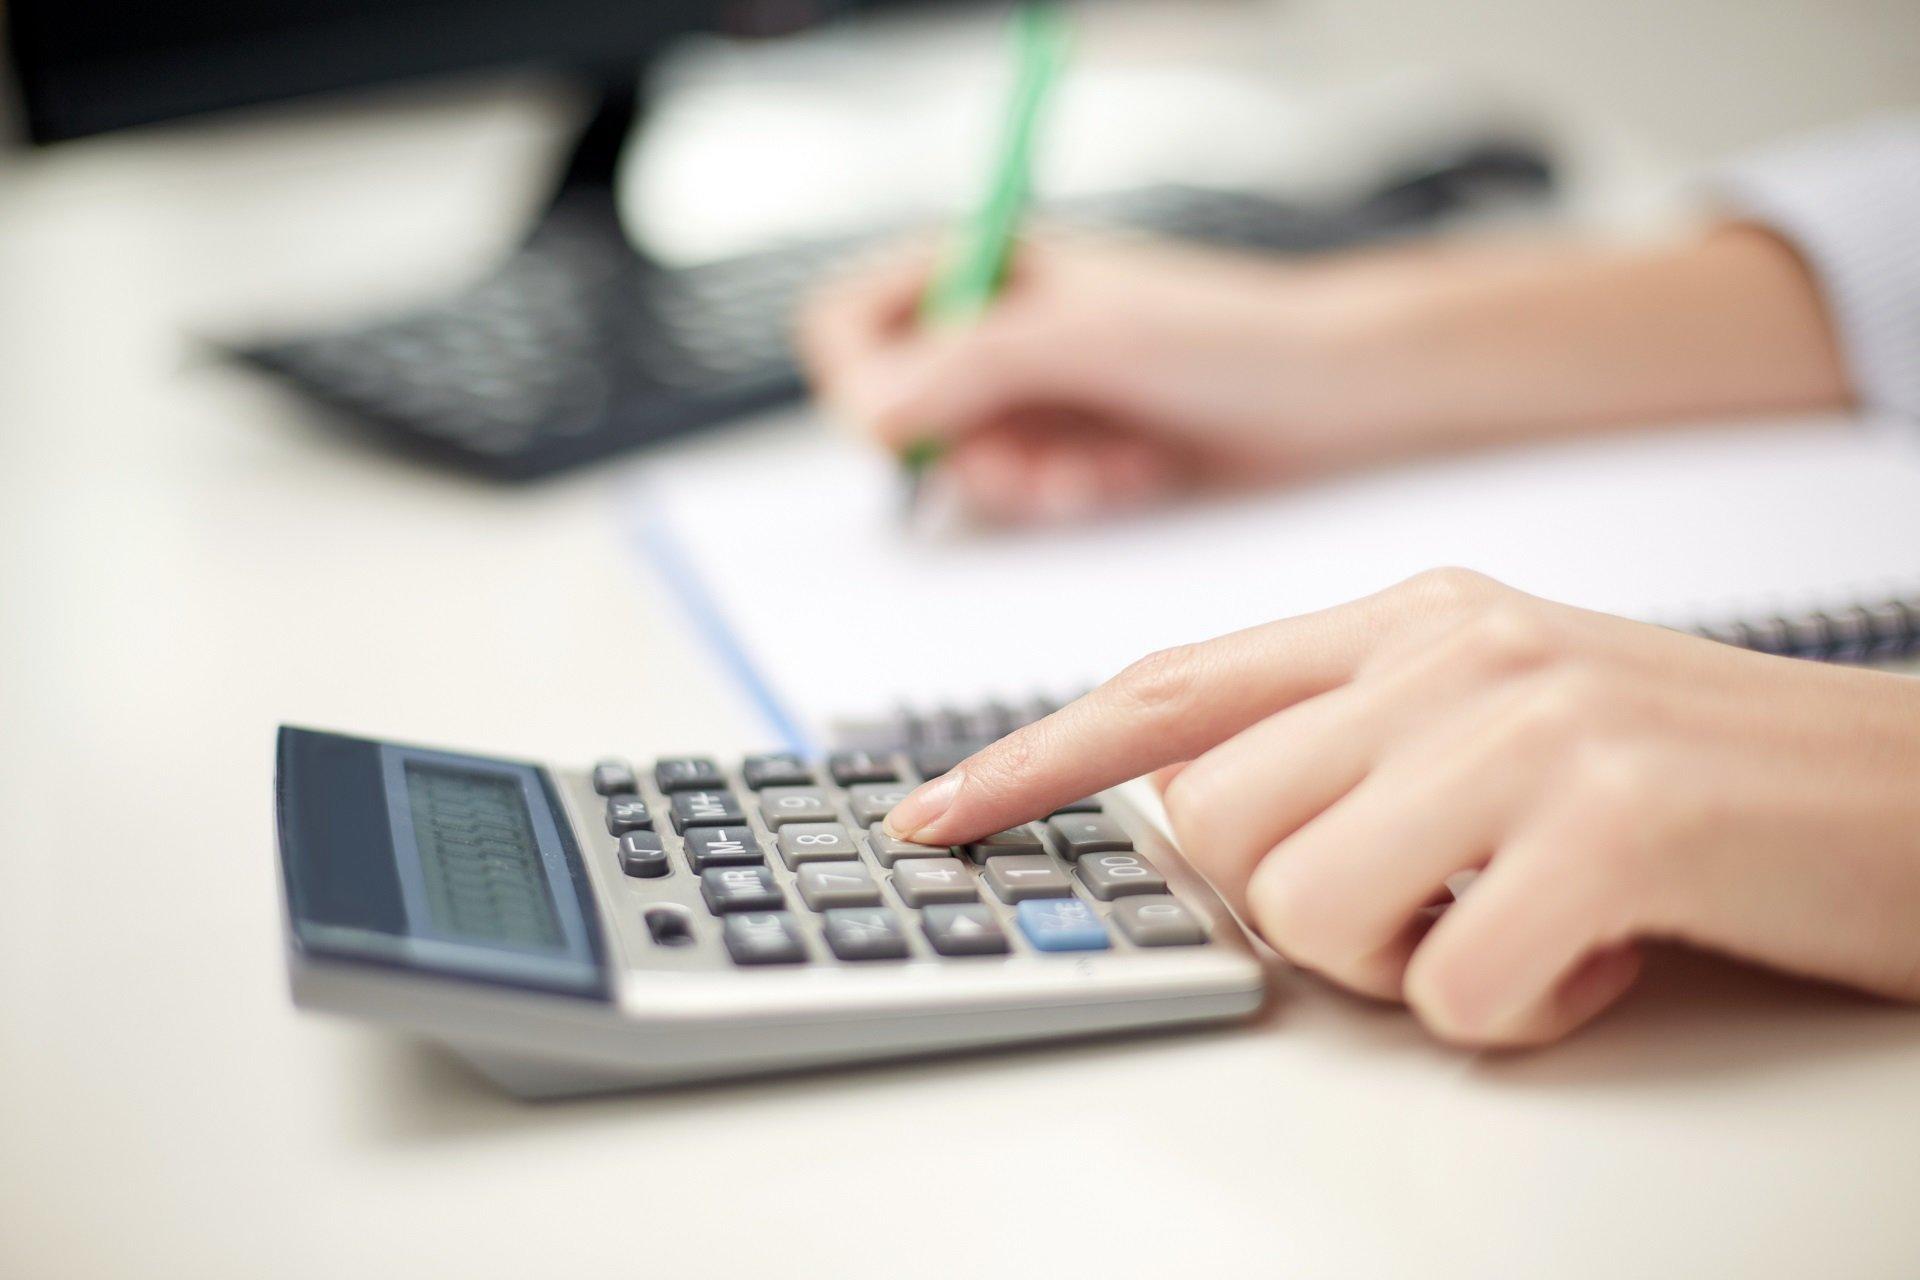 Splácíte drahou půjčku? Refinancujte ji a ušetřete tisíce korun ročně - anotační obrázek